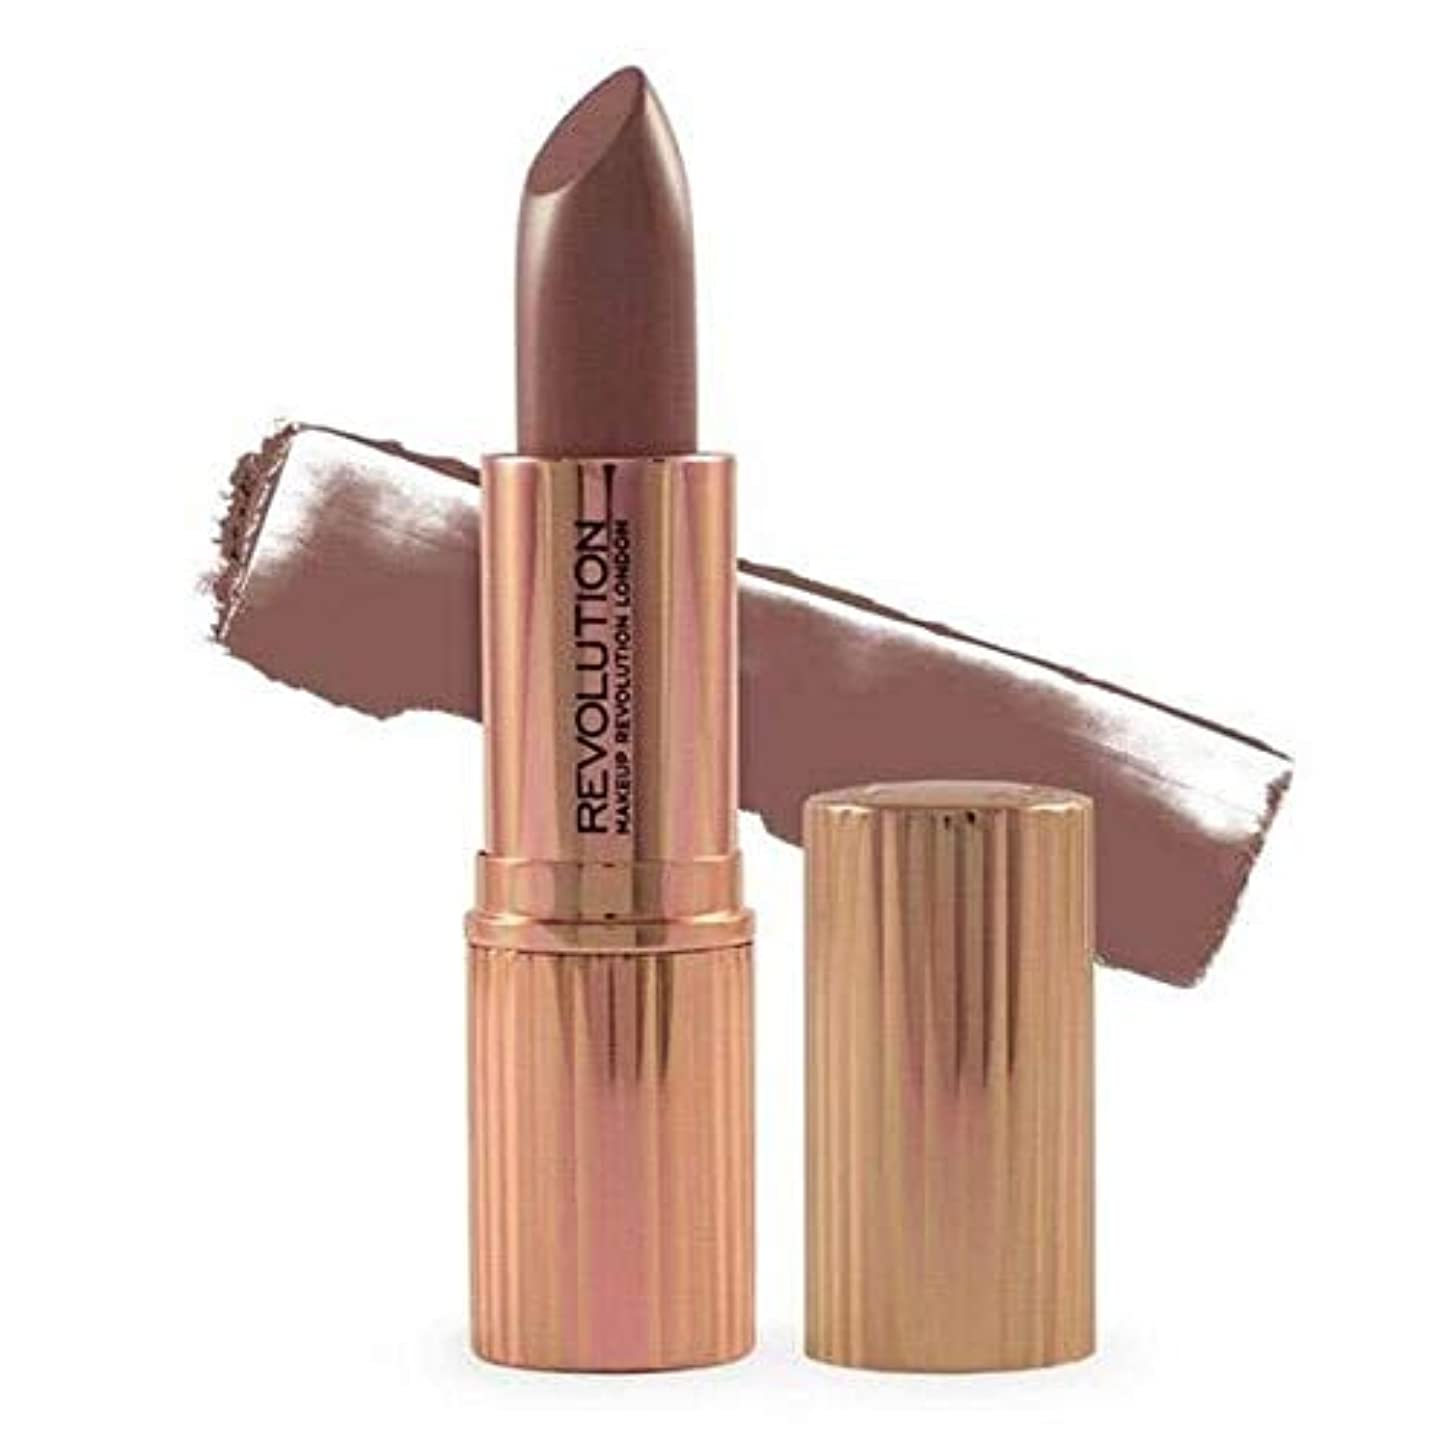 ハグジャンクション振動させる[Revolution ] 革命ルネサンス口紅勝利 - Revolution Renaissance Lipstick Triumph [並行輸入品]